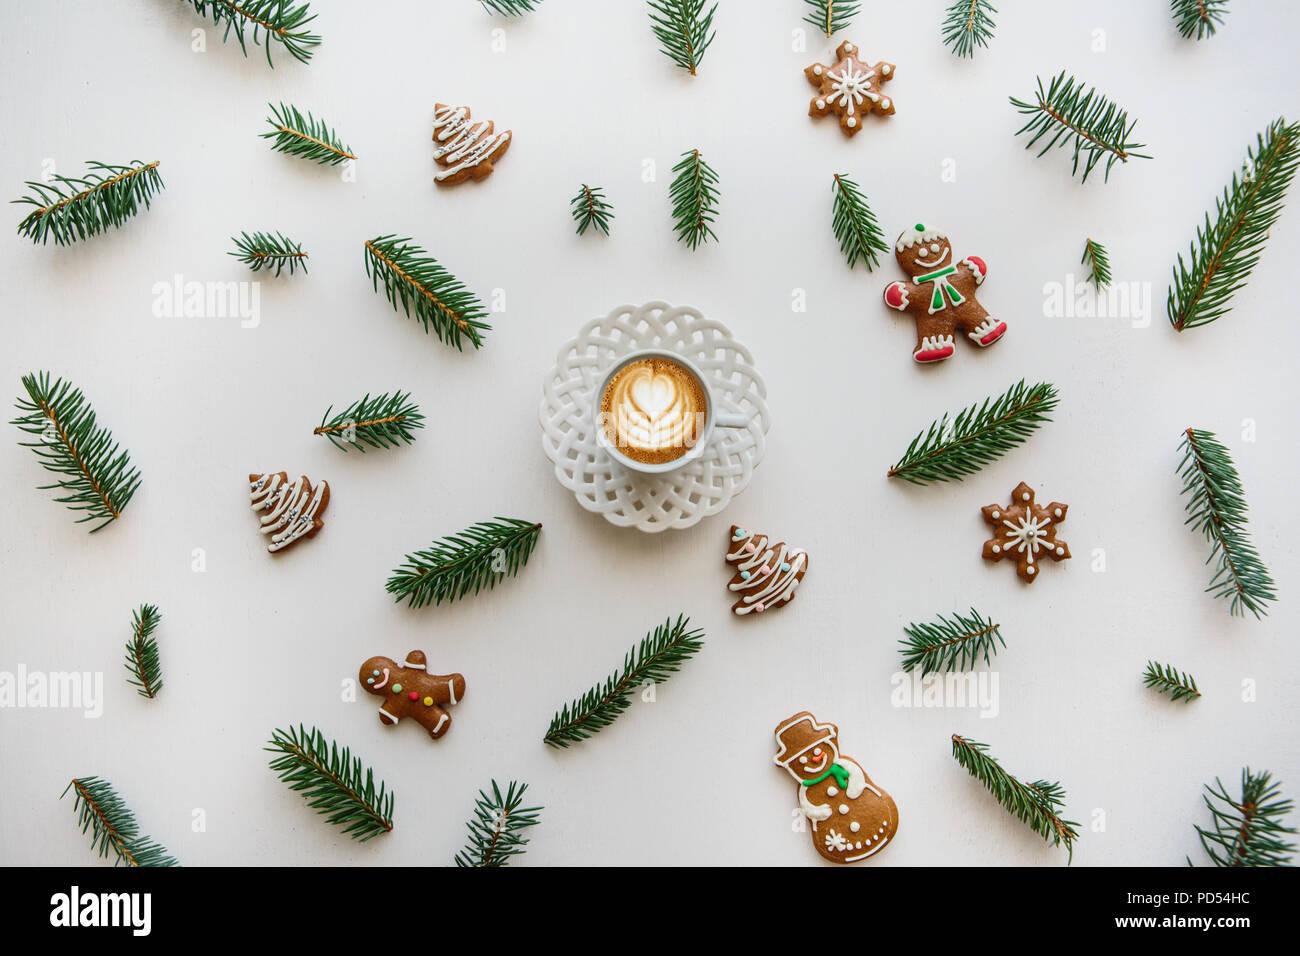 Una taza de café capuchino con sabor fresco. Cerca del paisaje en la Navidad o el Año Nuevo estilo. Concepto de Navidad. Imagen De Stock